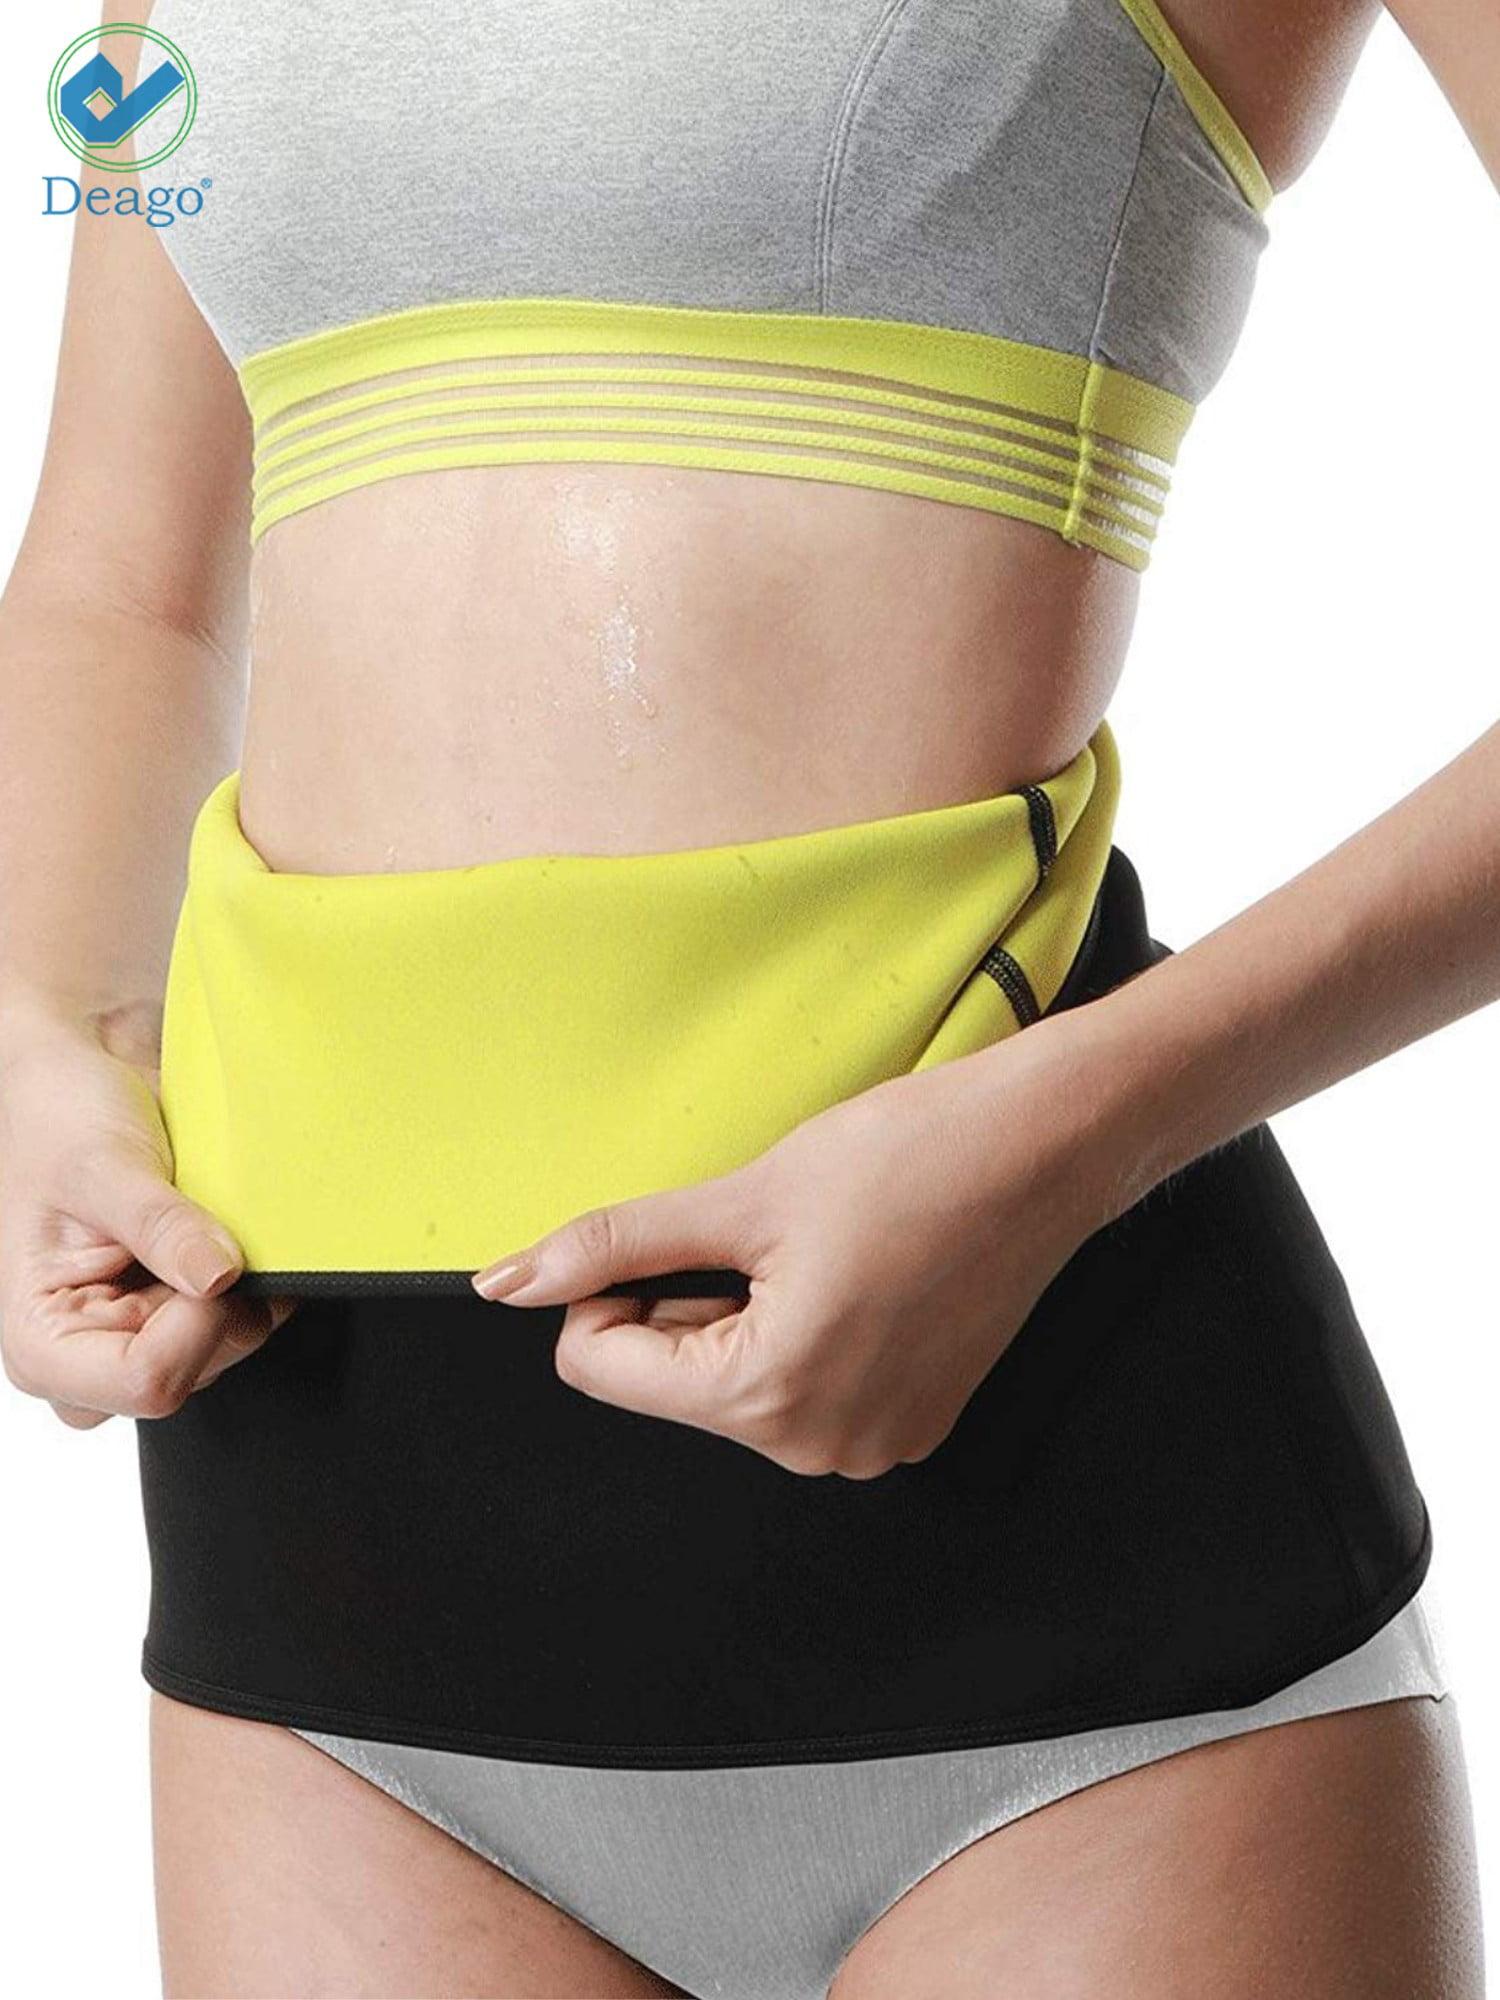 Men Women Slimming Belt Neoprene Body Shaper Waist Trainer Gym Exercise Cincher